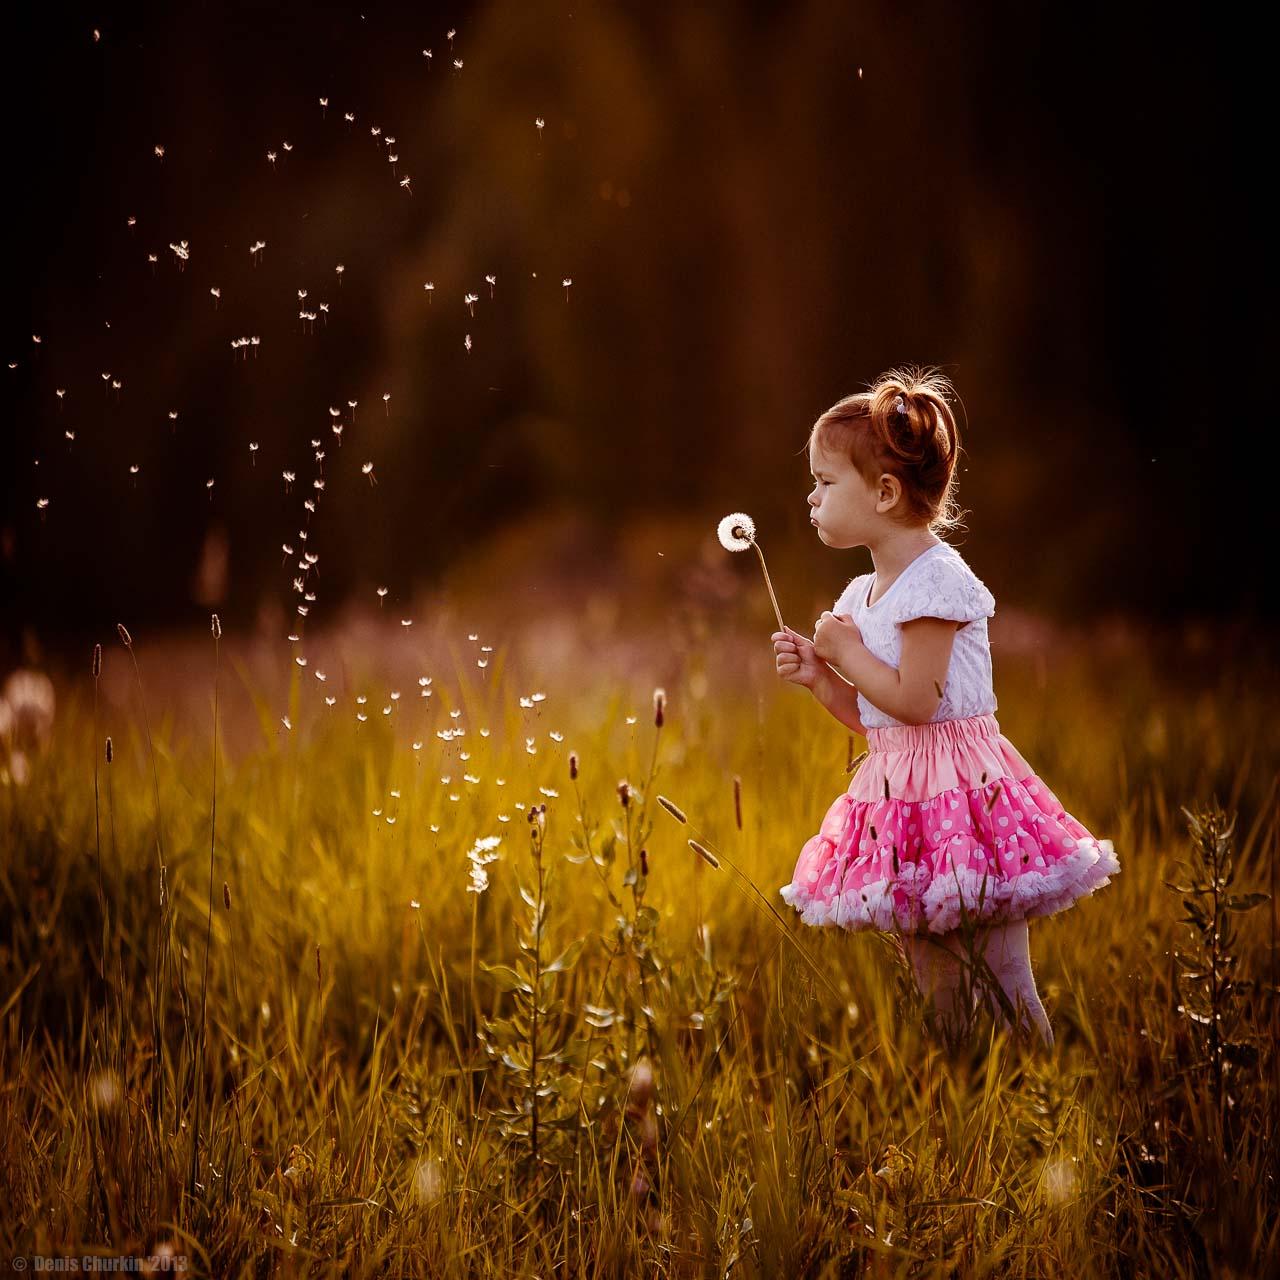 Сика маленькой девочки фото 15 фотография